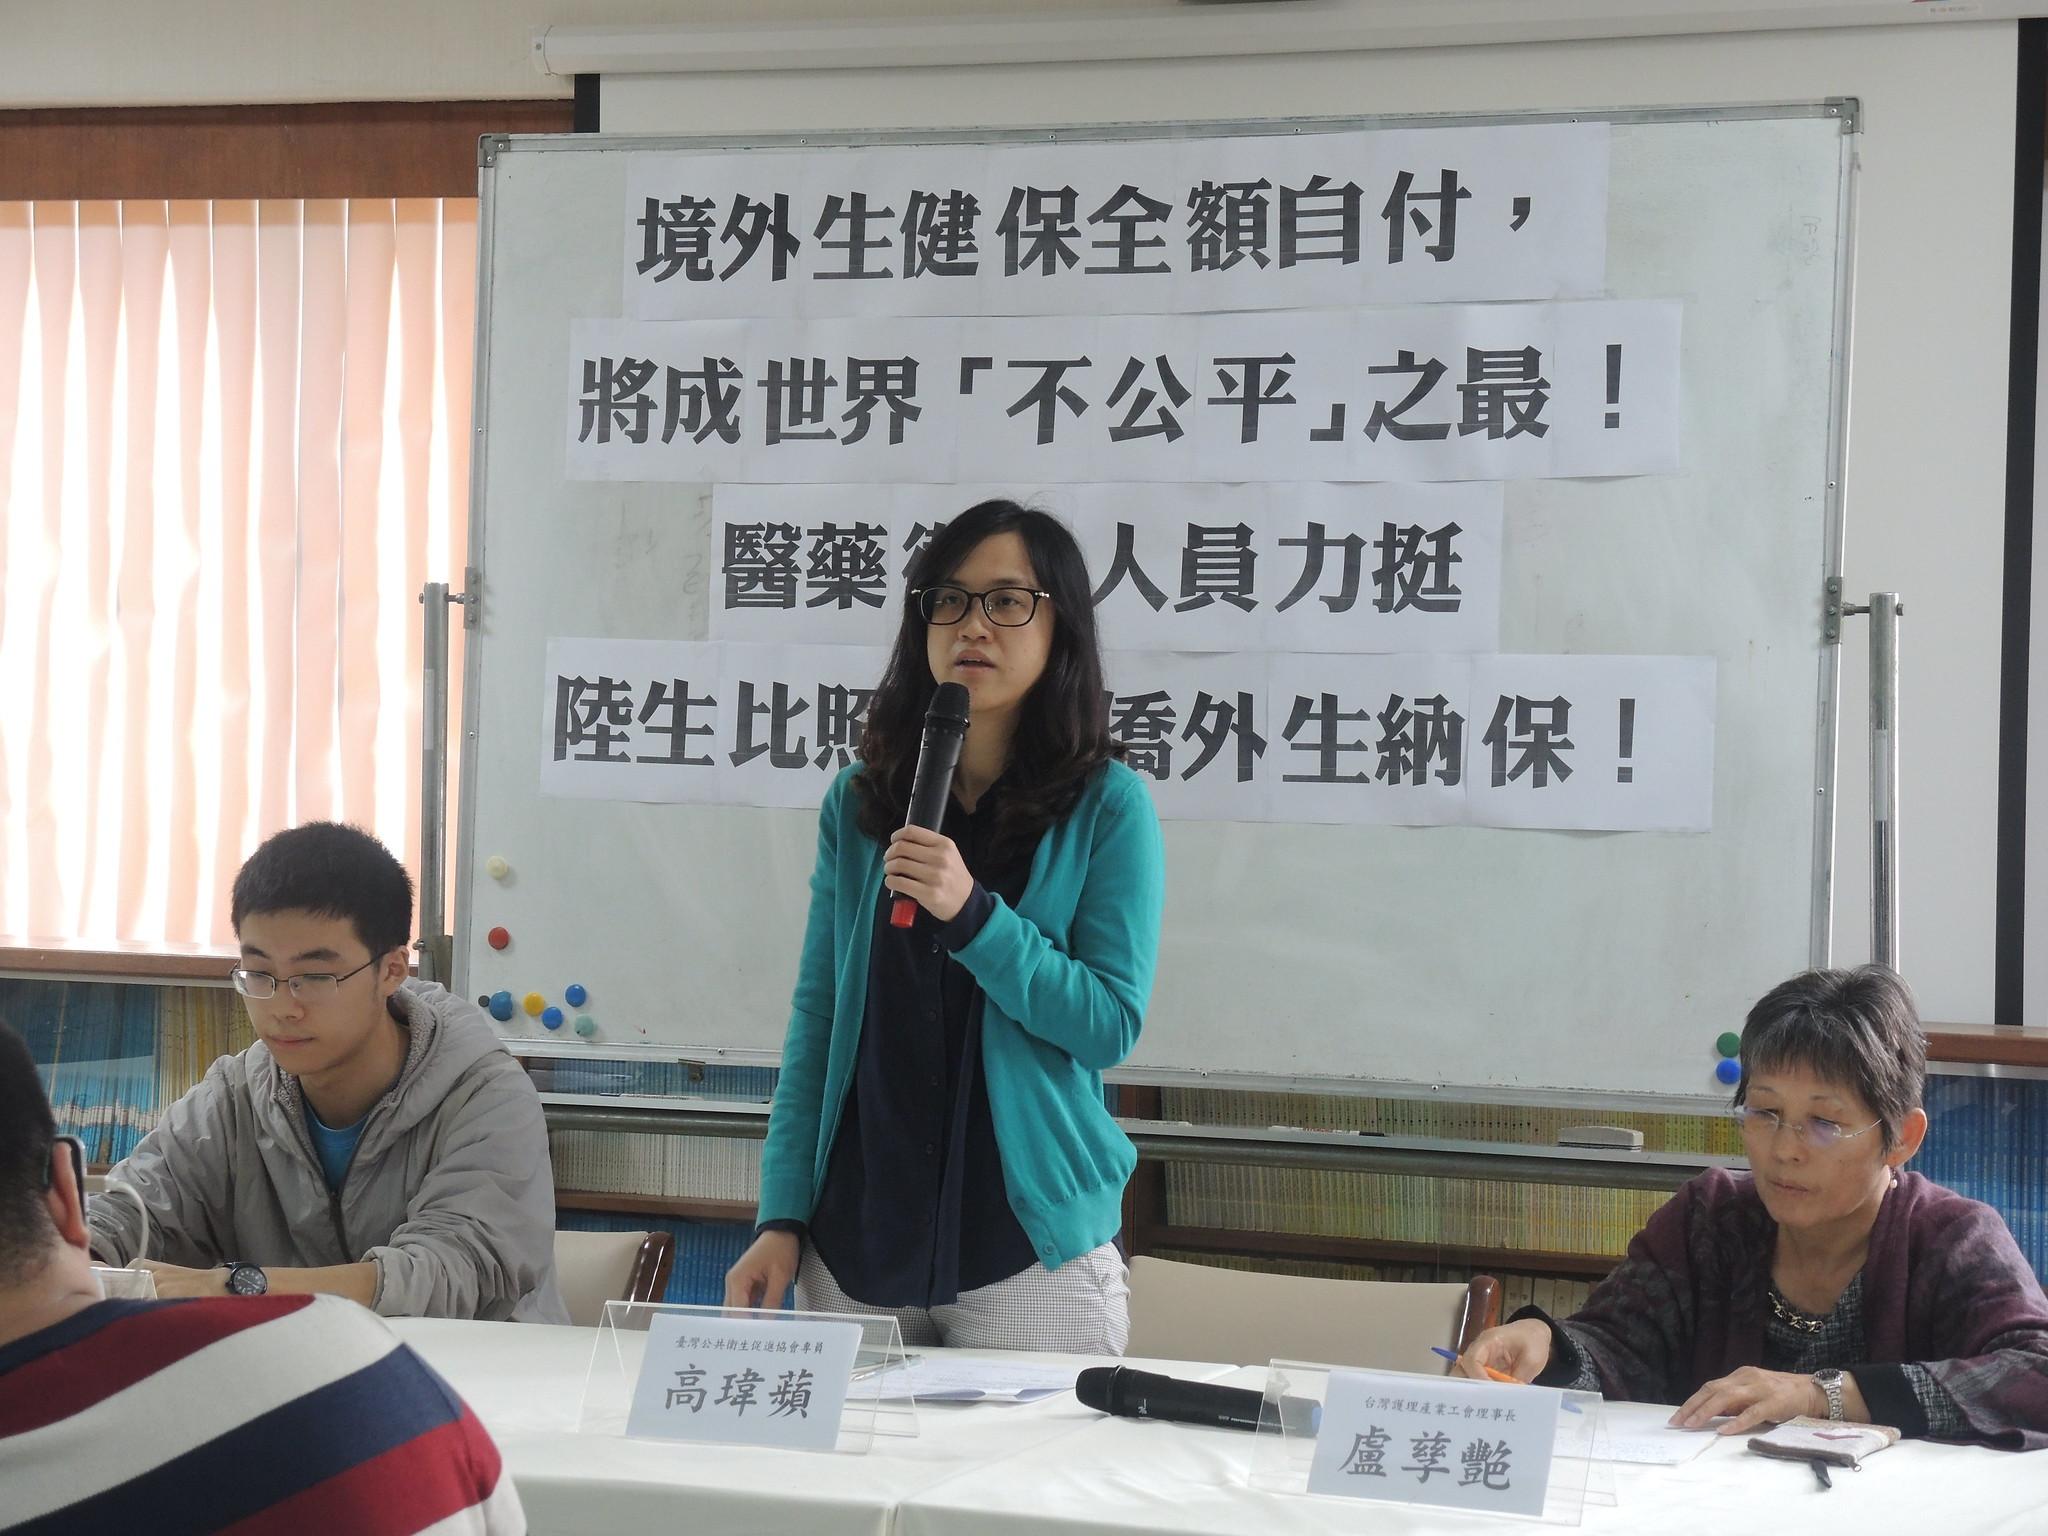 台灣公共衛生促進協會專員高瑋蘋表示,境外生的保費提高500元是一種社會排除,將造成境外生的健康權益受損。(攝影:曾福全)